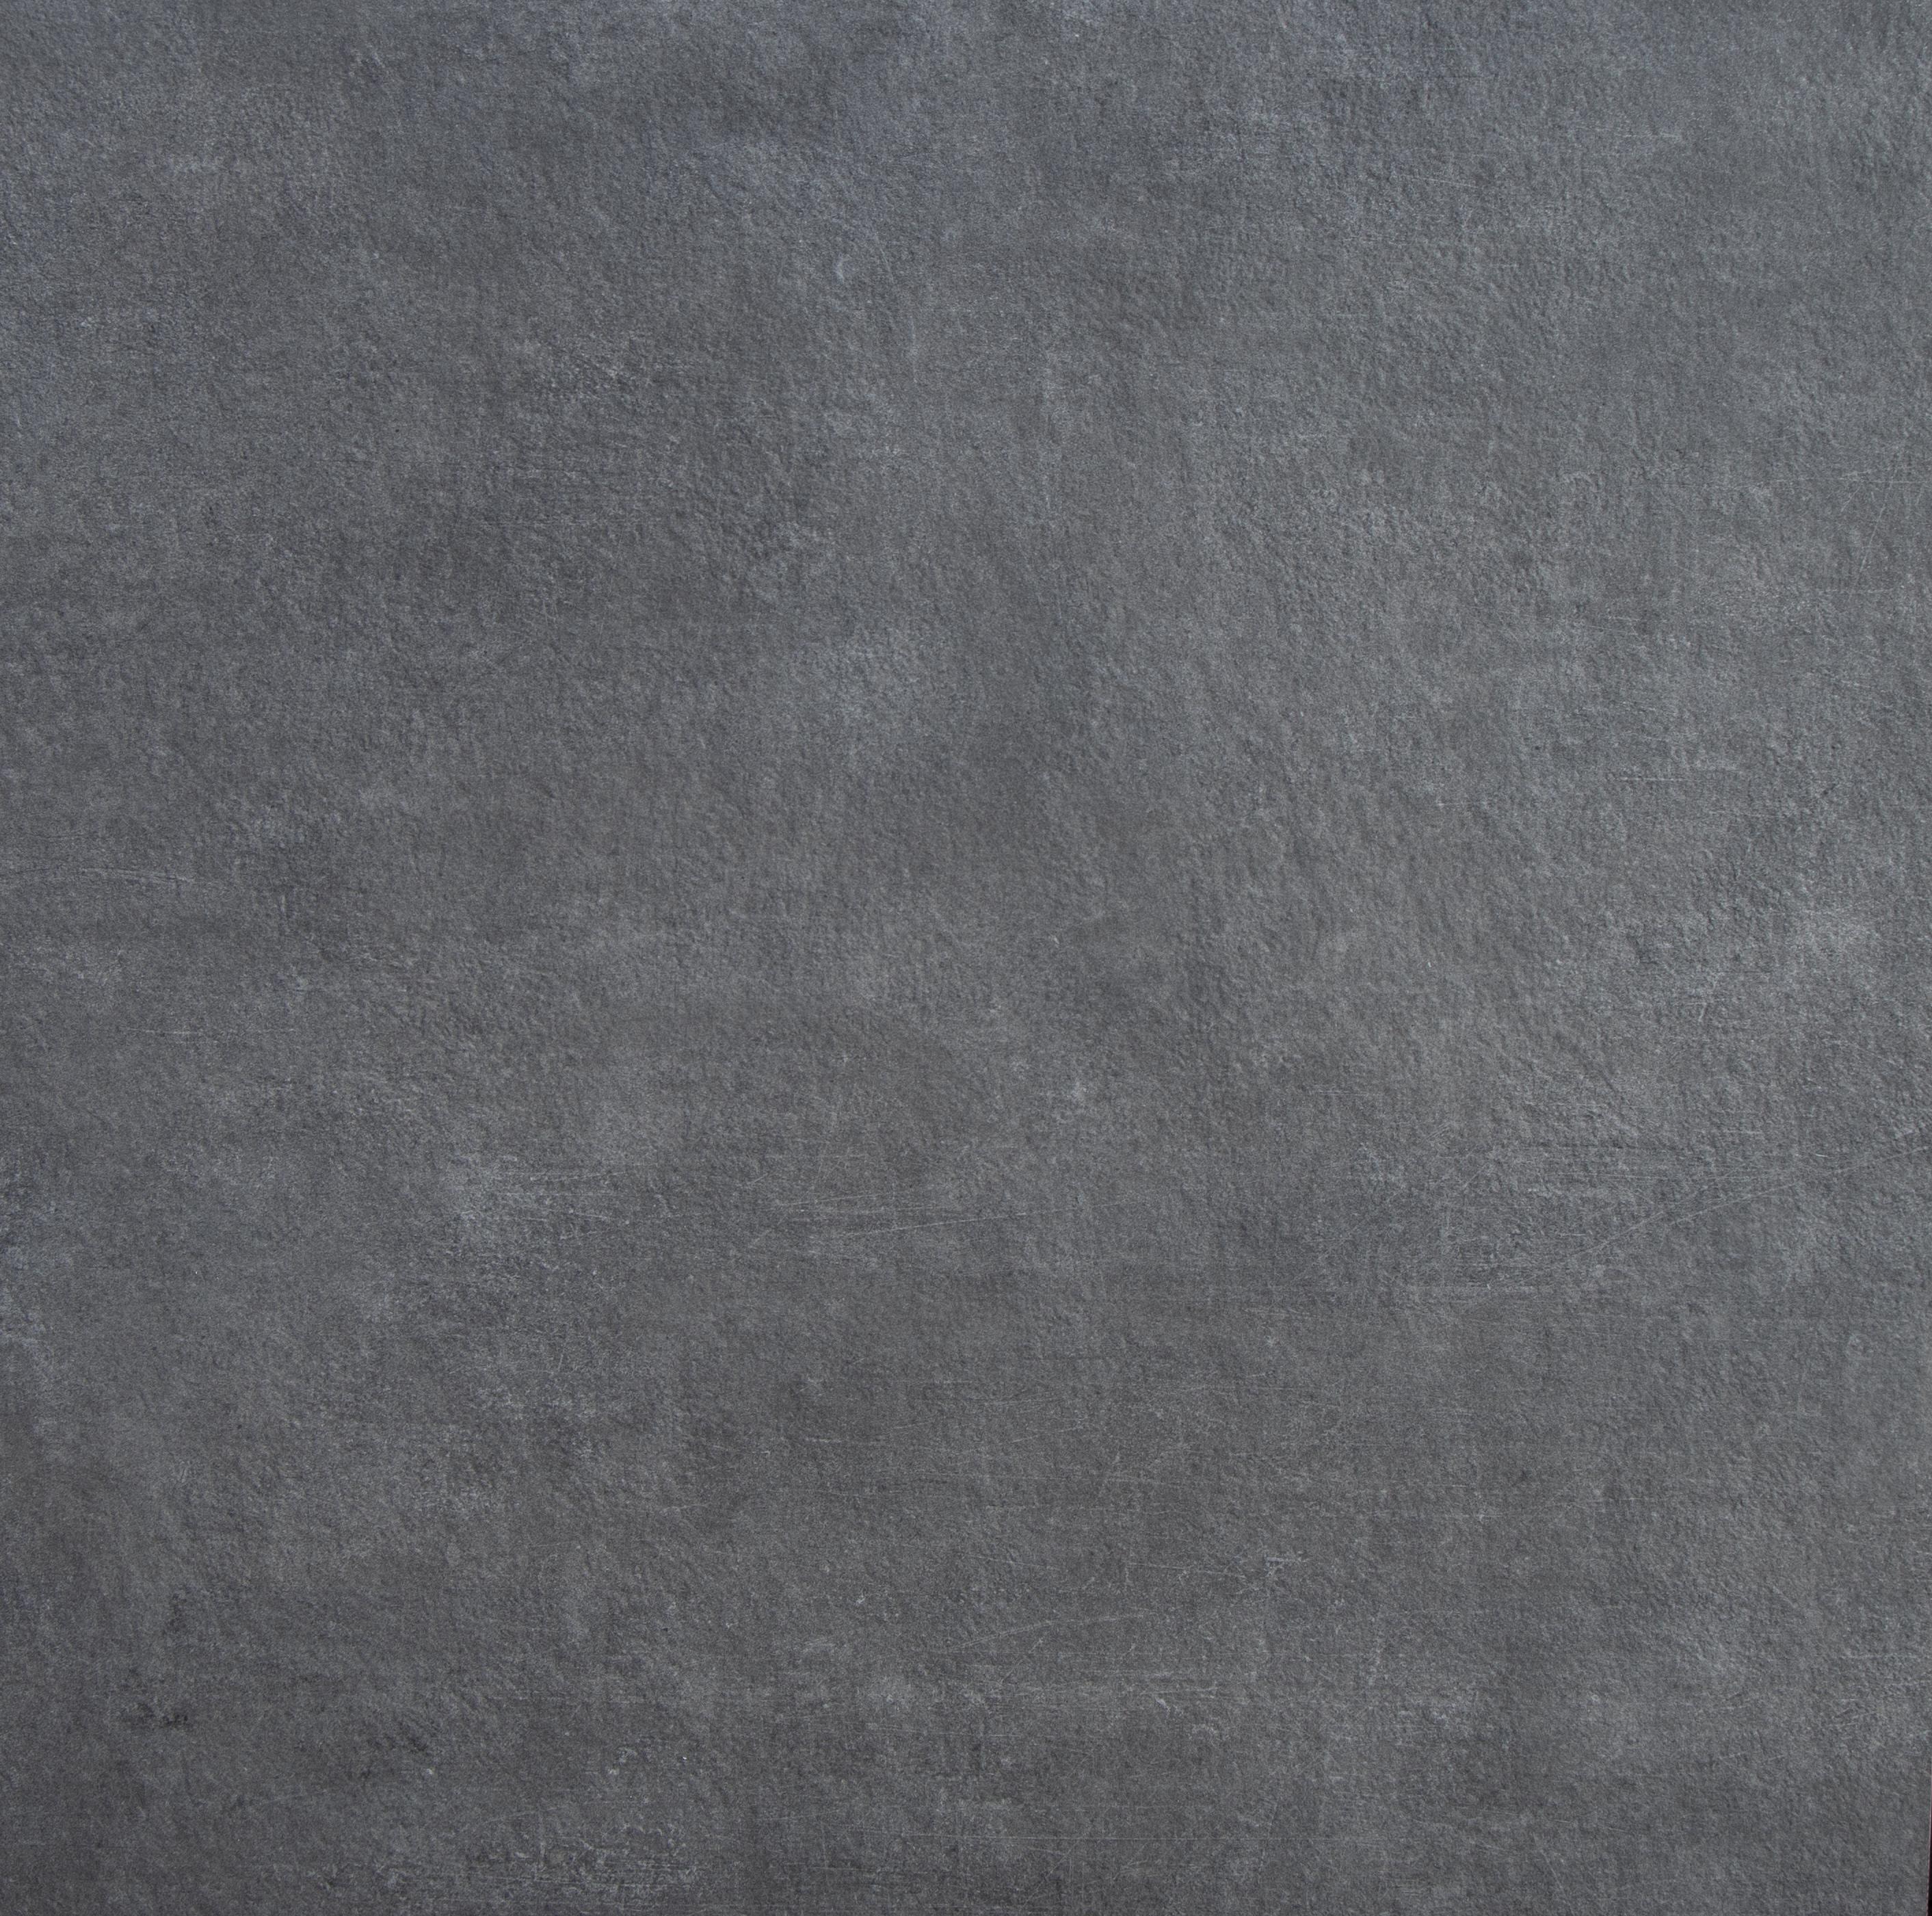 Cielo Porcelain 800 x 800 x 20mm (40no - 25.60m2)